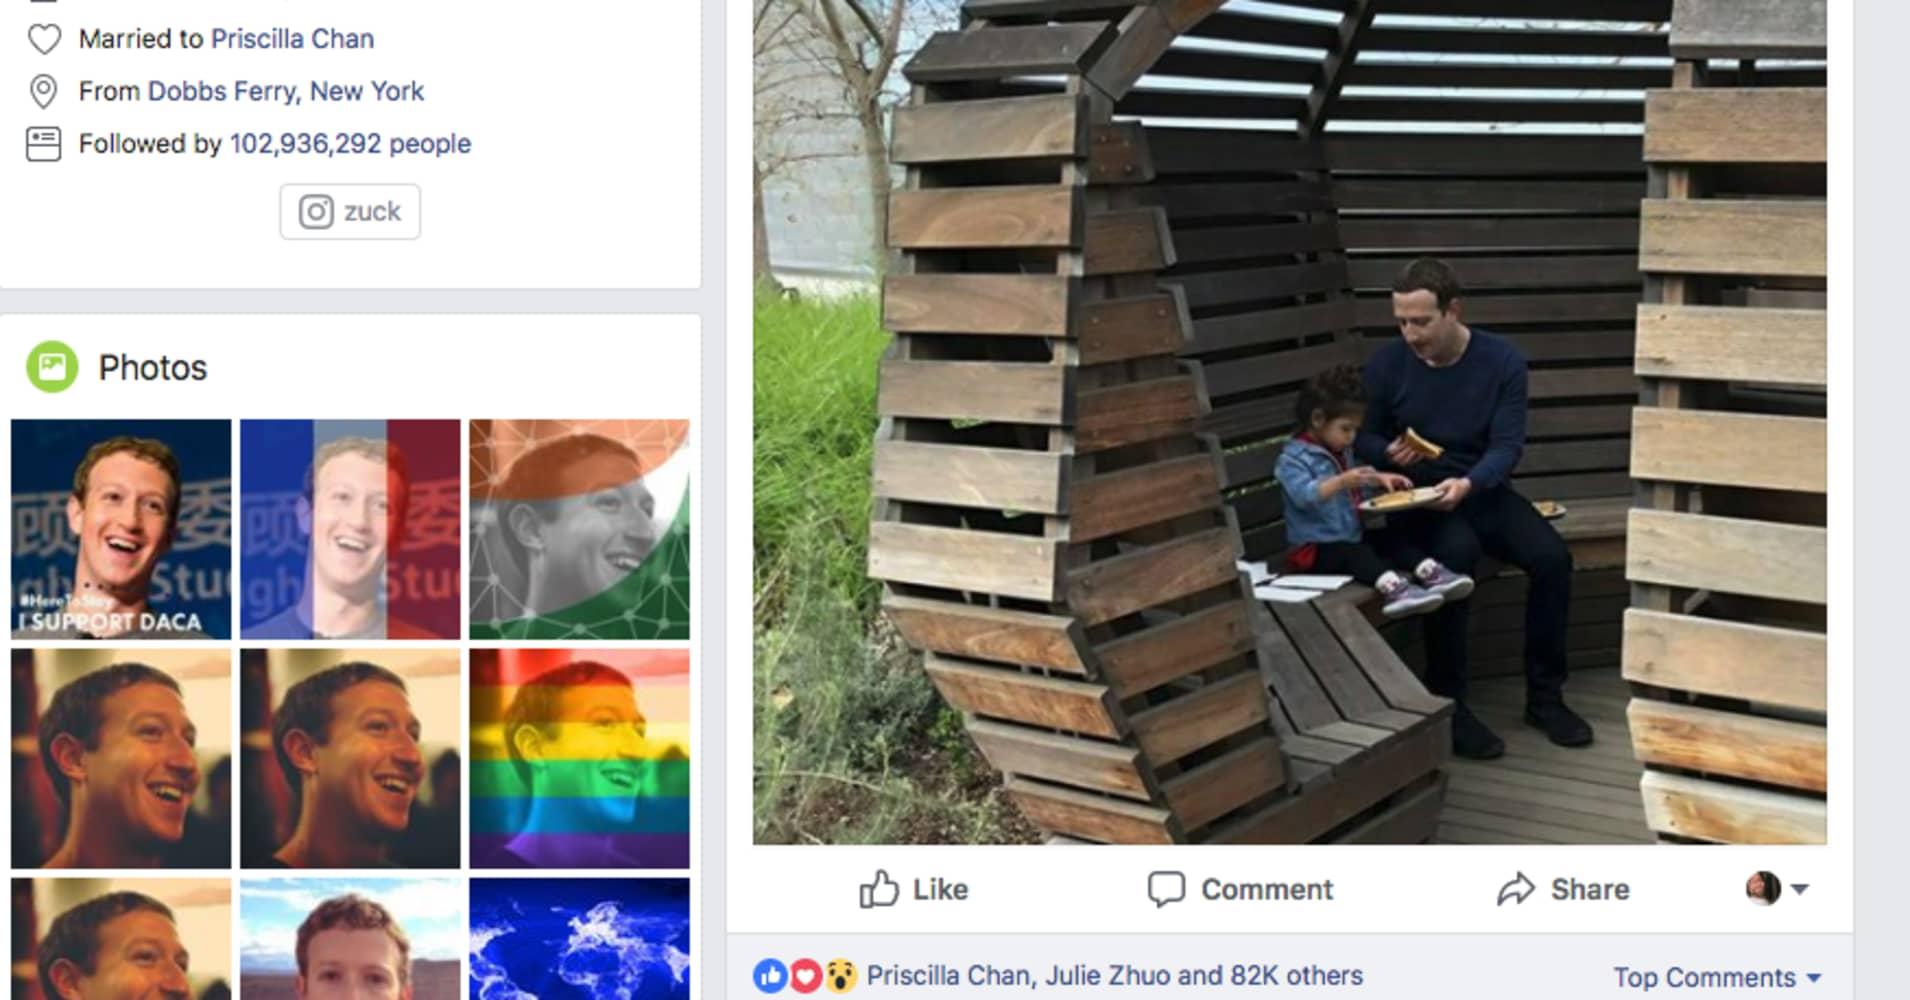 Zuckerberg's Valentine's Day Photo Got Spammed After Facebook Blocks an Activist